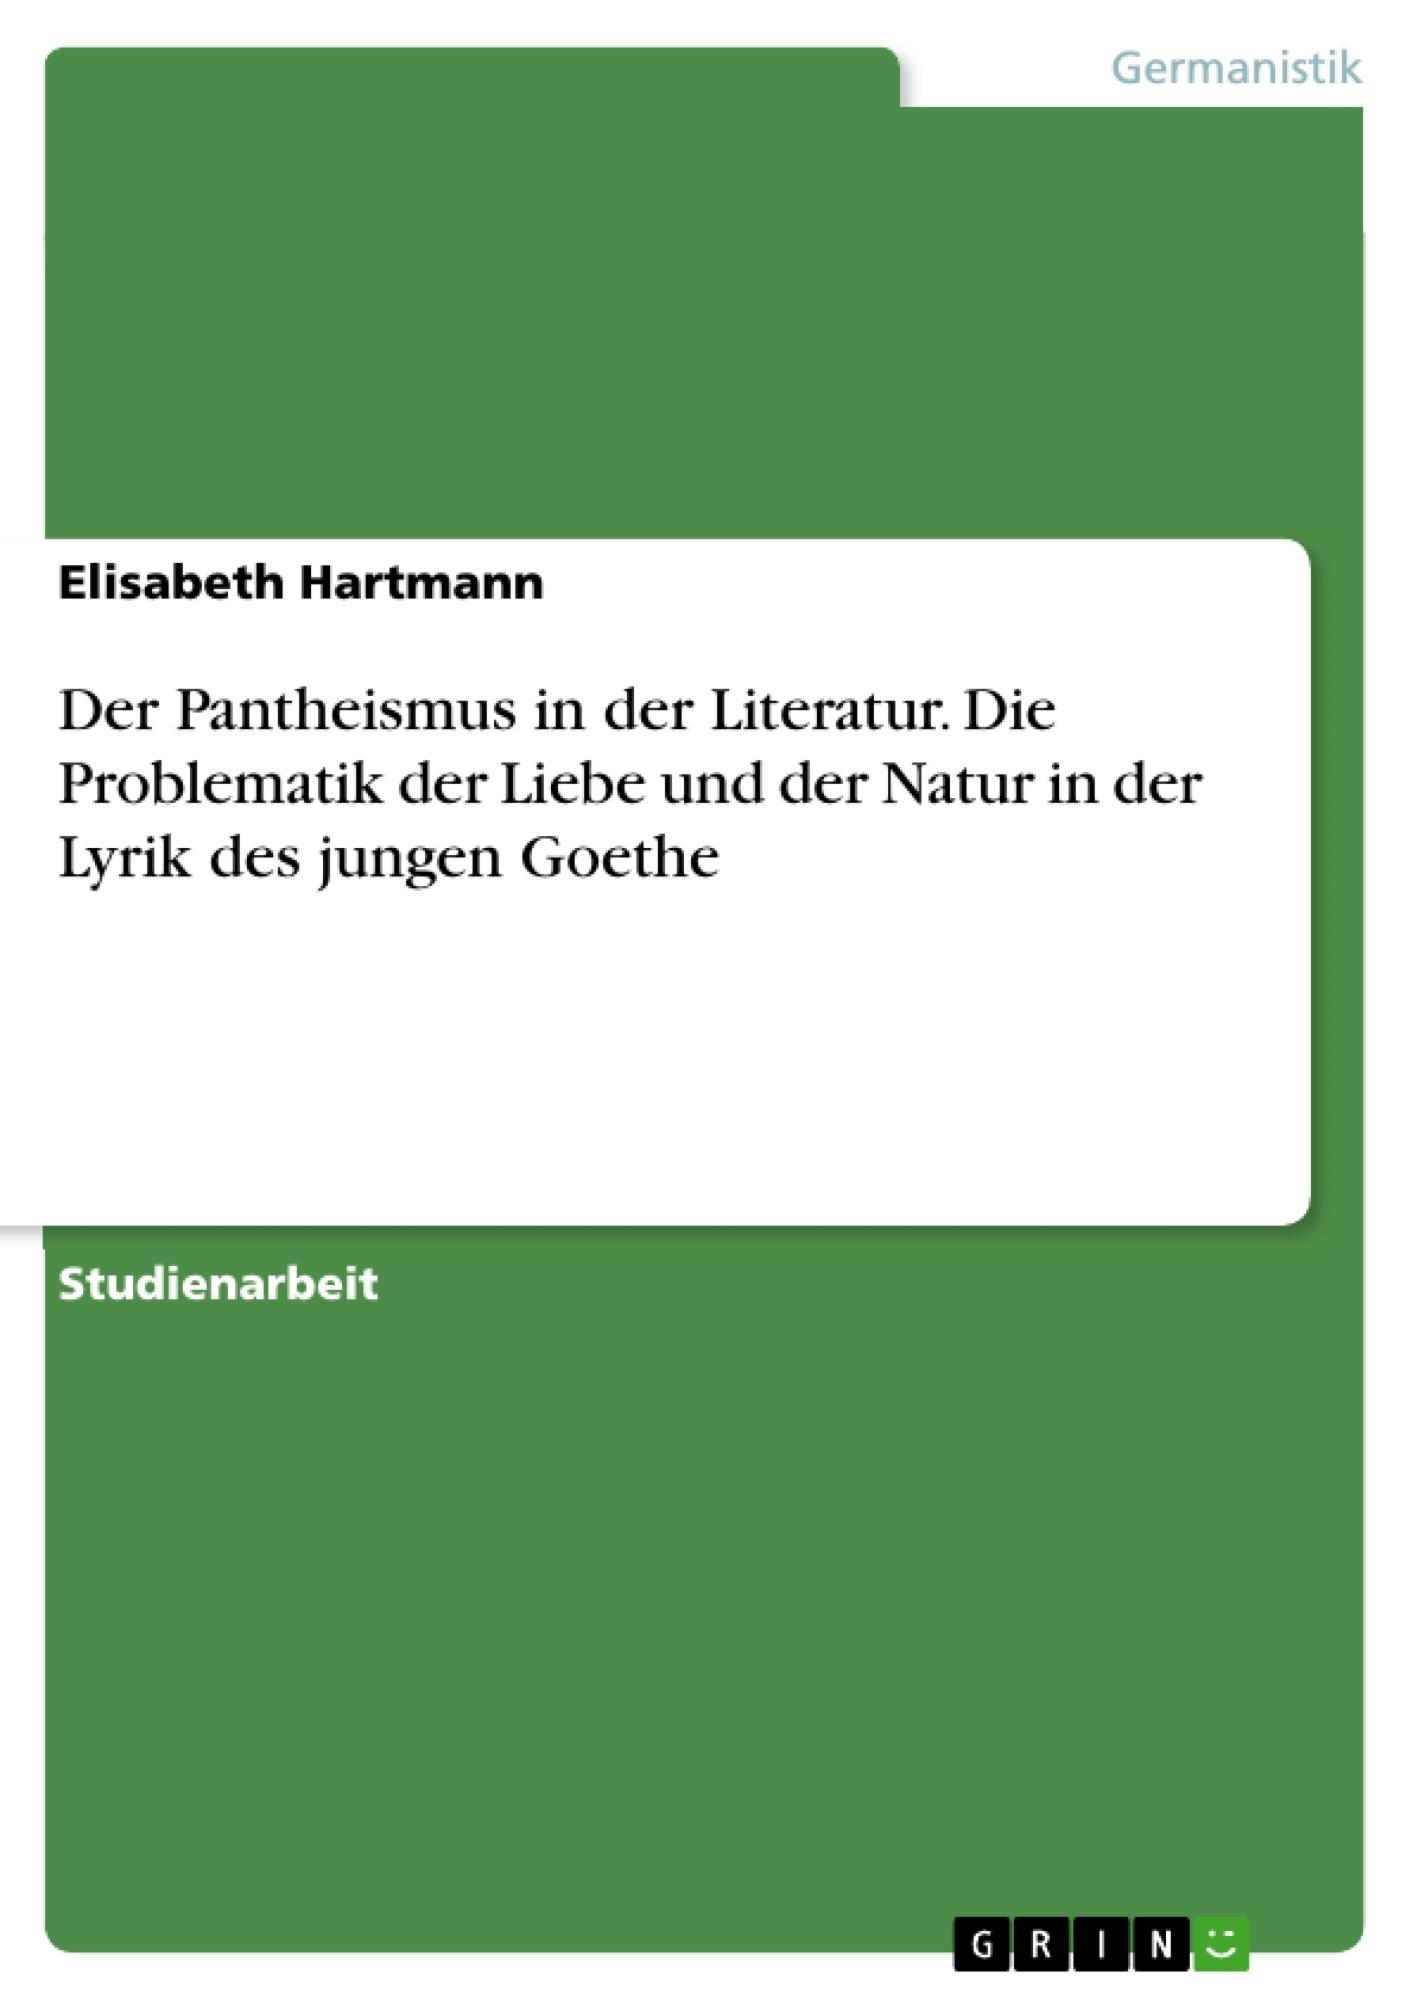 Titel: Der Pantheismus in der Literatur. Die Problematik der Liebe und der Natur in der Lyrik des jungen Goethe